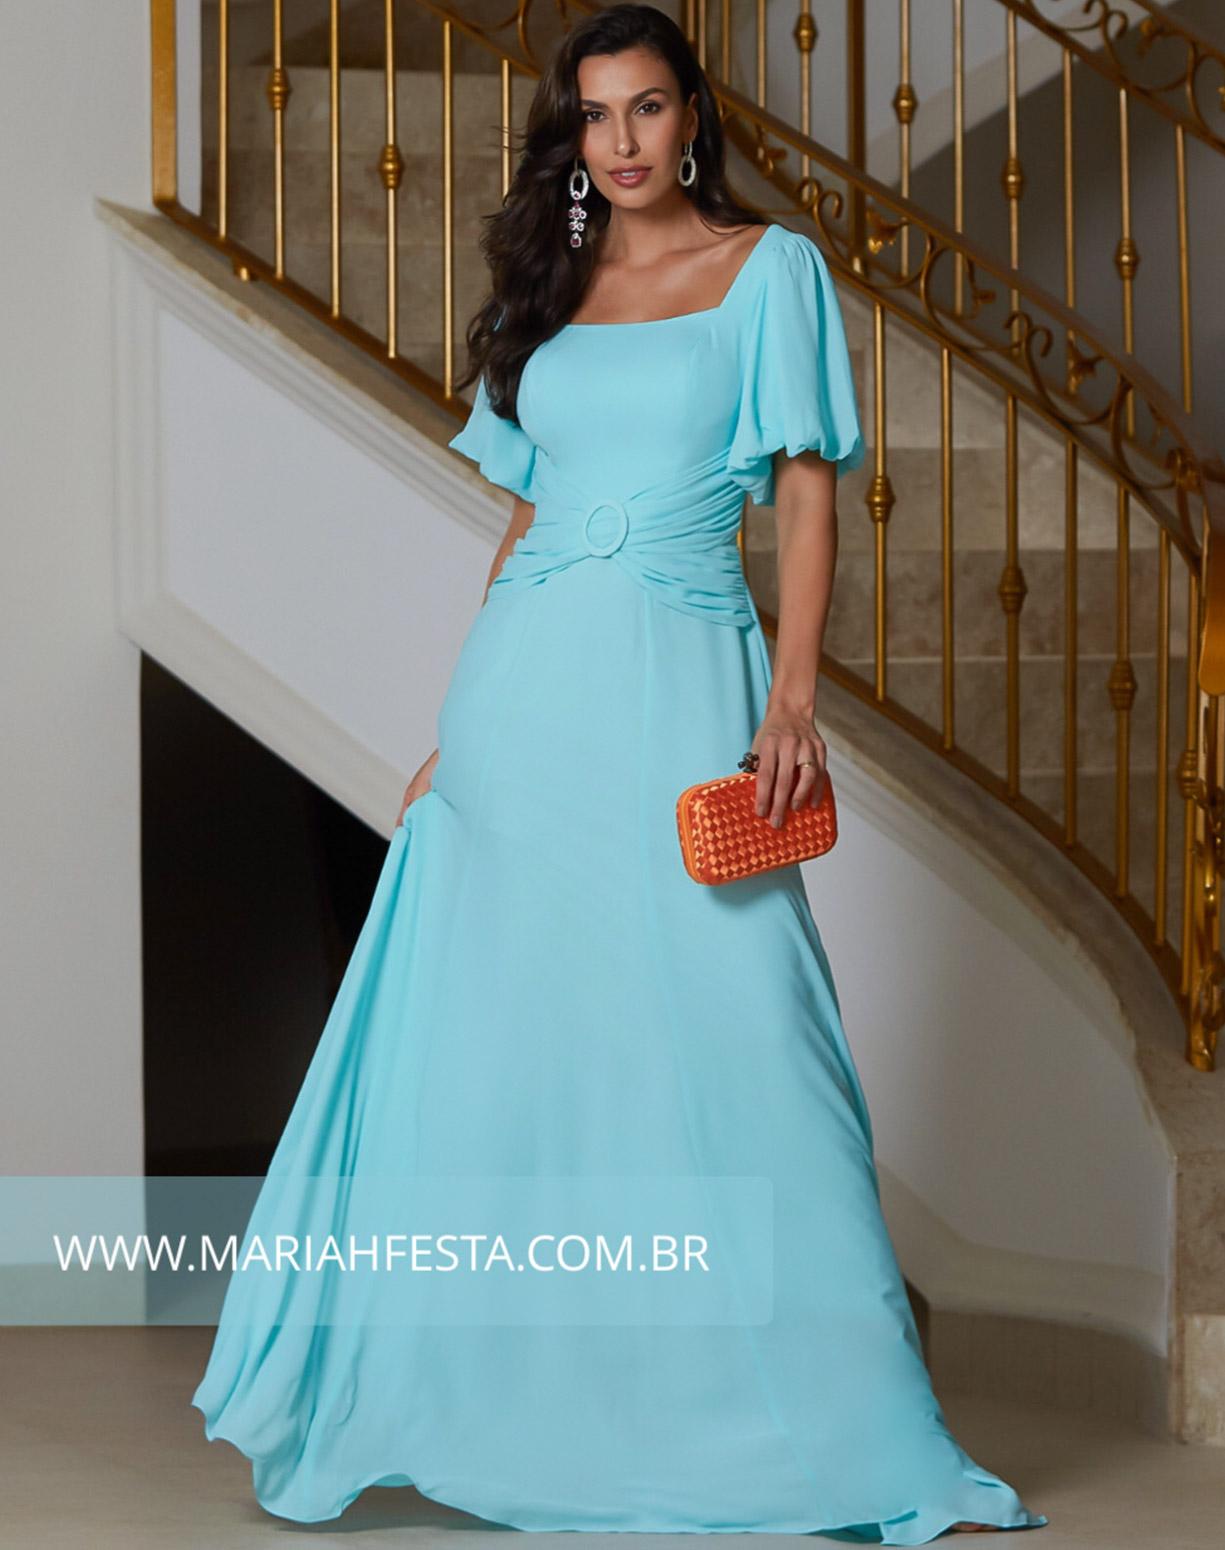 Vestido Tiffany com Manga Bufante e Cinto Drapeado